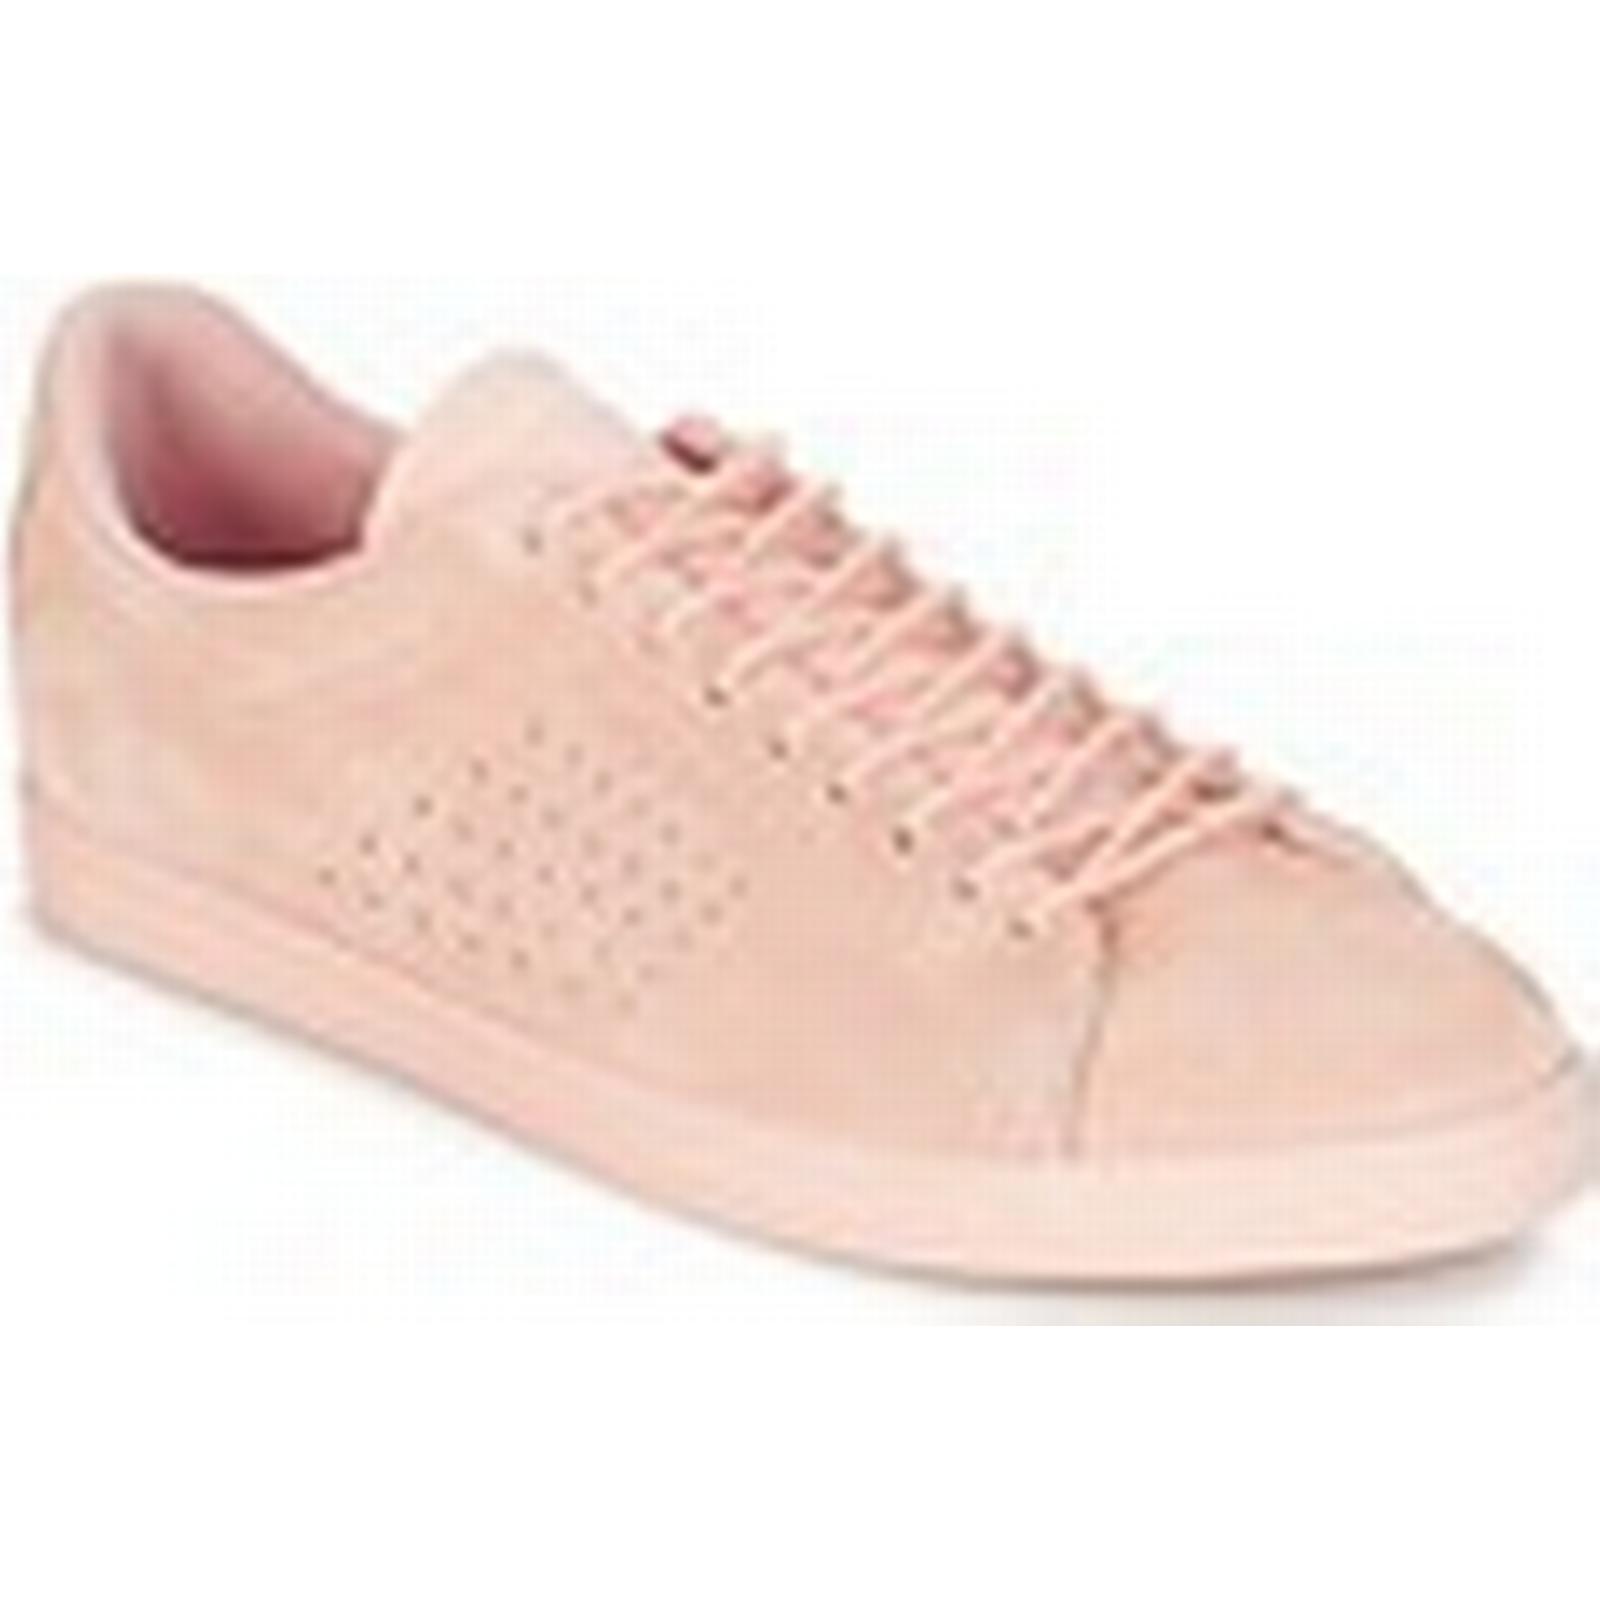 le coq sportif charline nubuck femmes & #  27; (formateurs) s Chaussure s (formateurs) 27; en rose cb0463